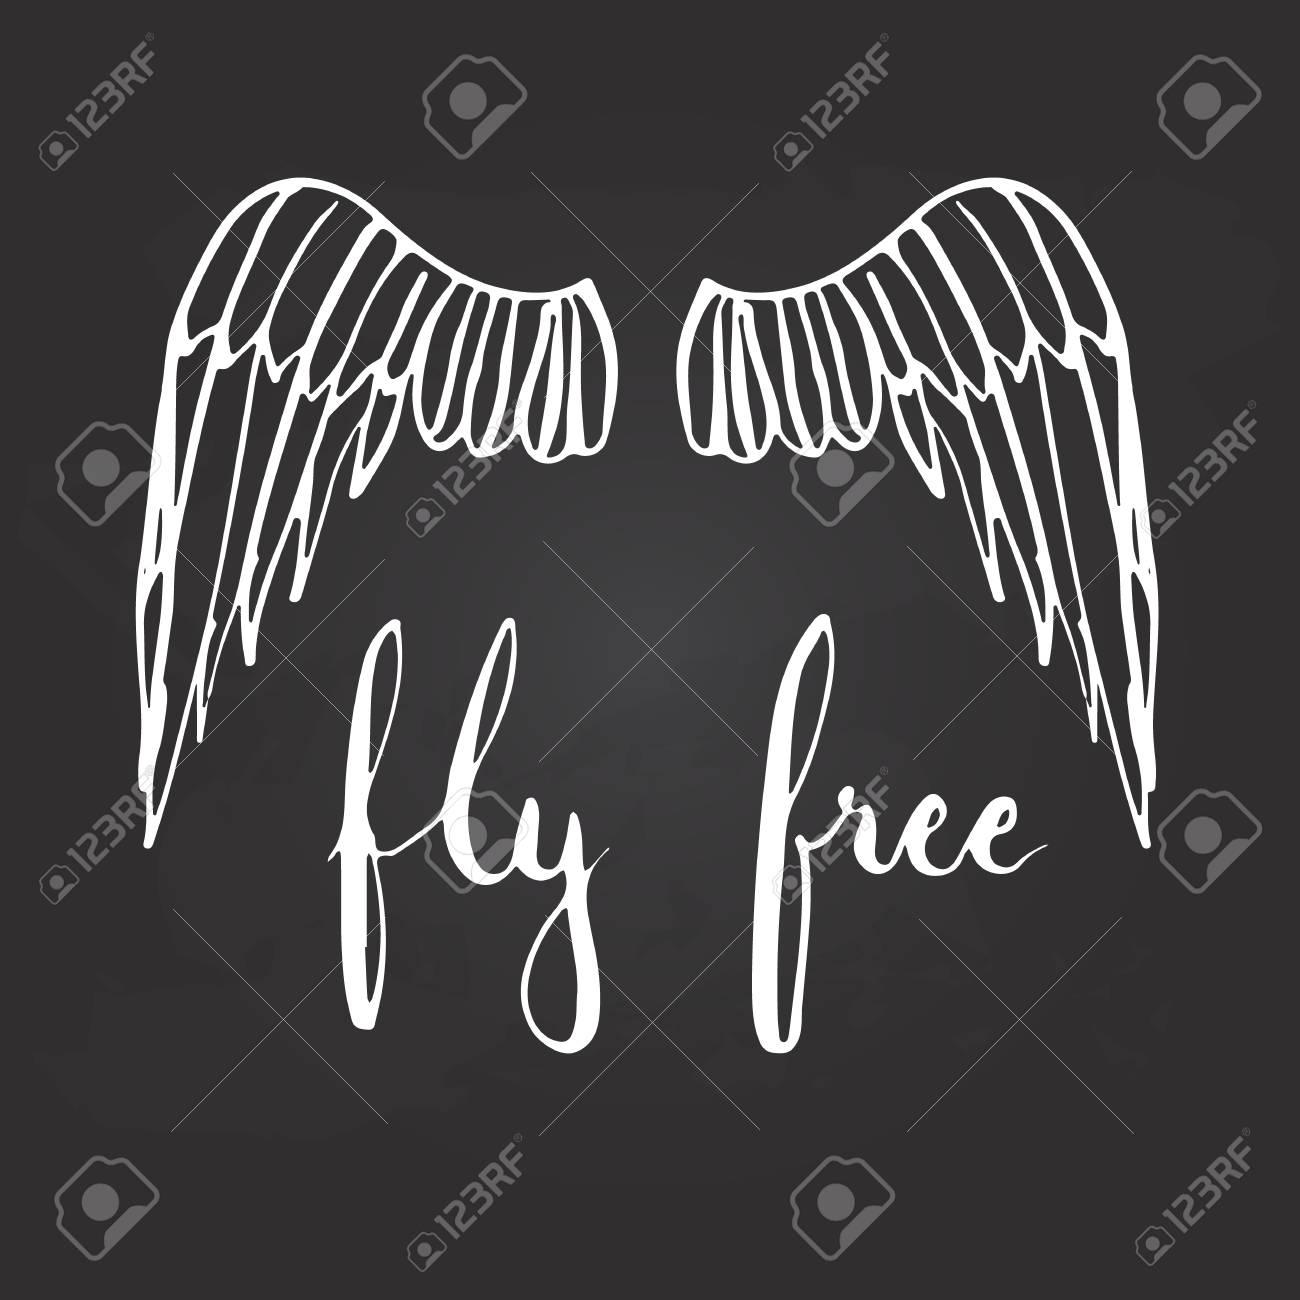 Dibujado A Mano Tipografía Letras Frase Volar Gratis Con Alas De Pájaros En El Fondo Negro Caligrafía Motivacional Moderna Para El Cartel De La